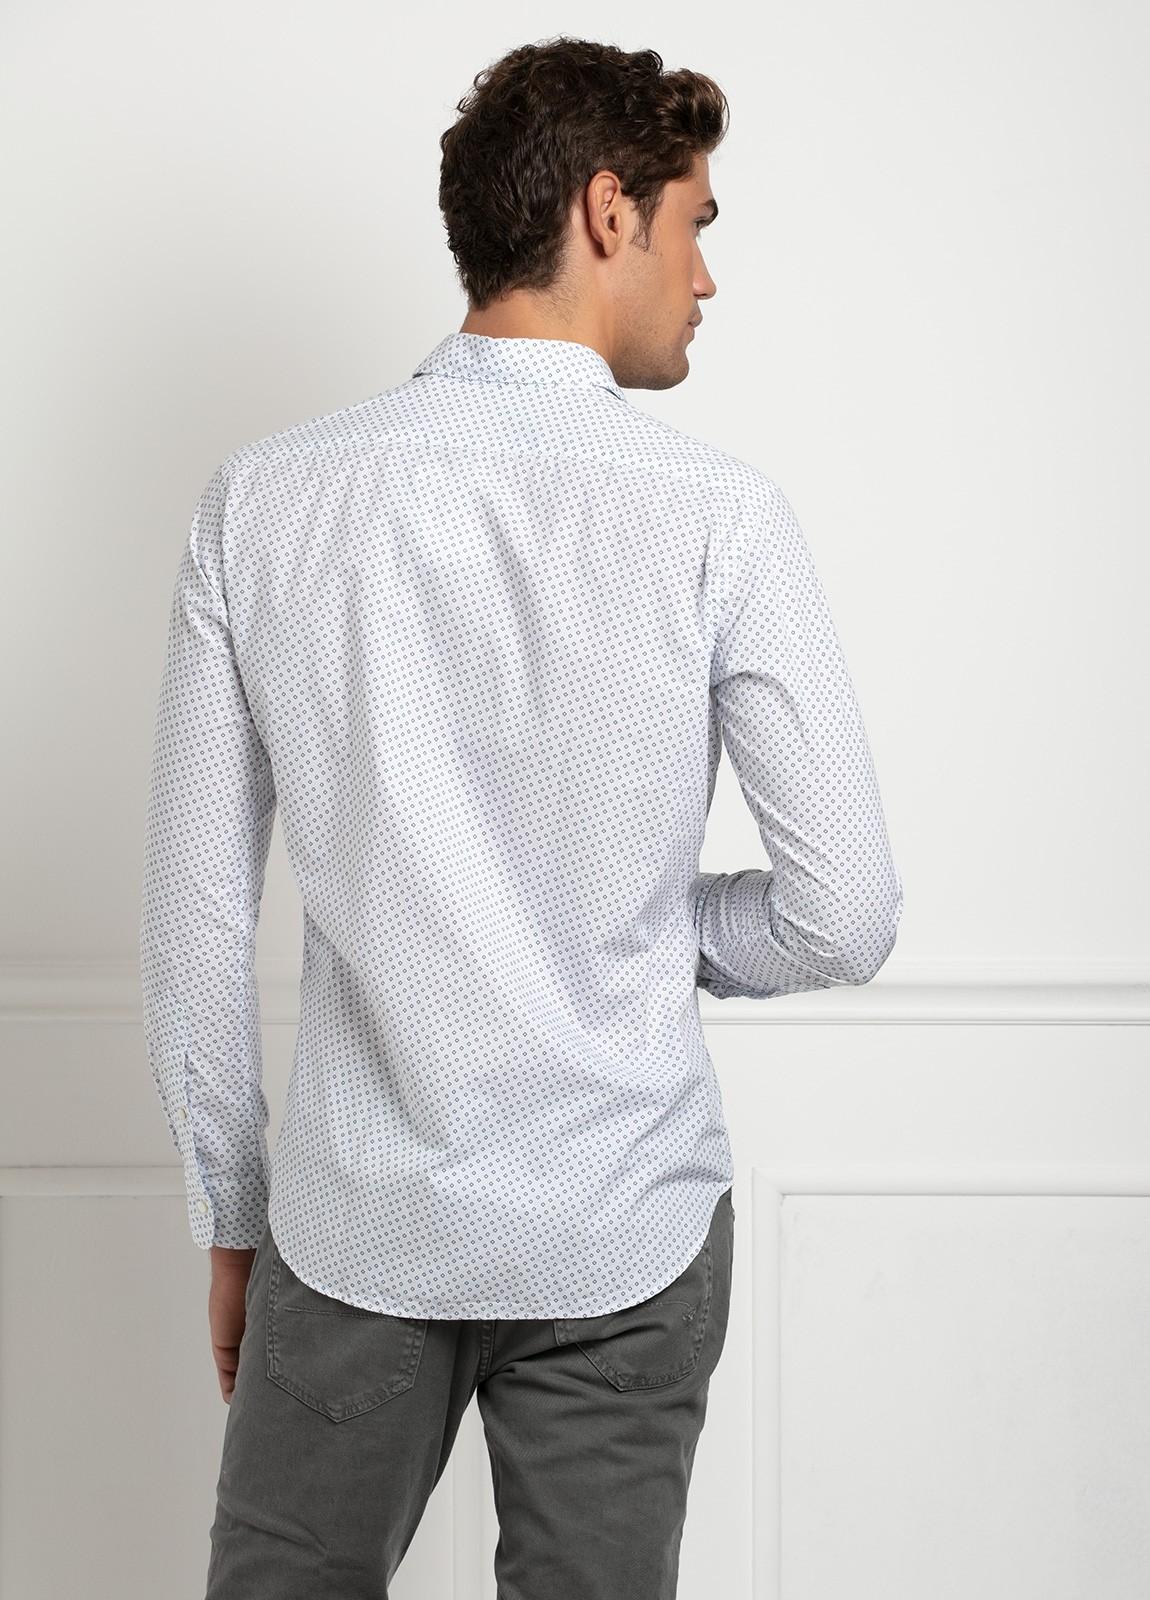 Camisa sport SLIM FIT modelo LEO estampado geométrico azul fondo blanco, 100% Algodón. - Ítem1